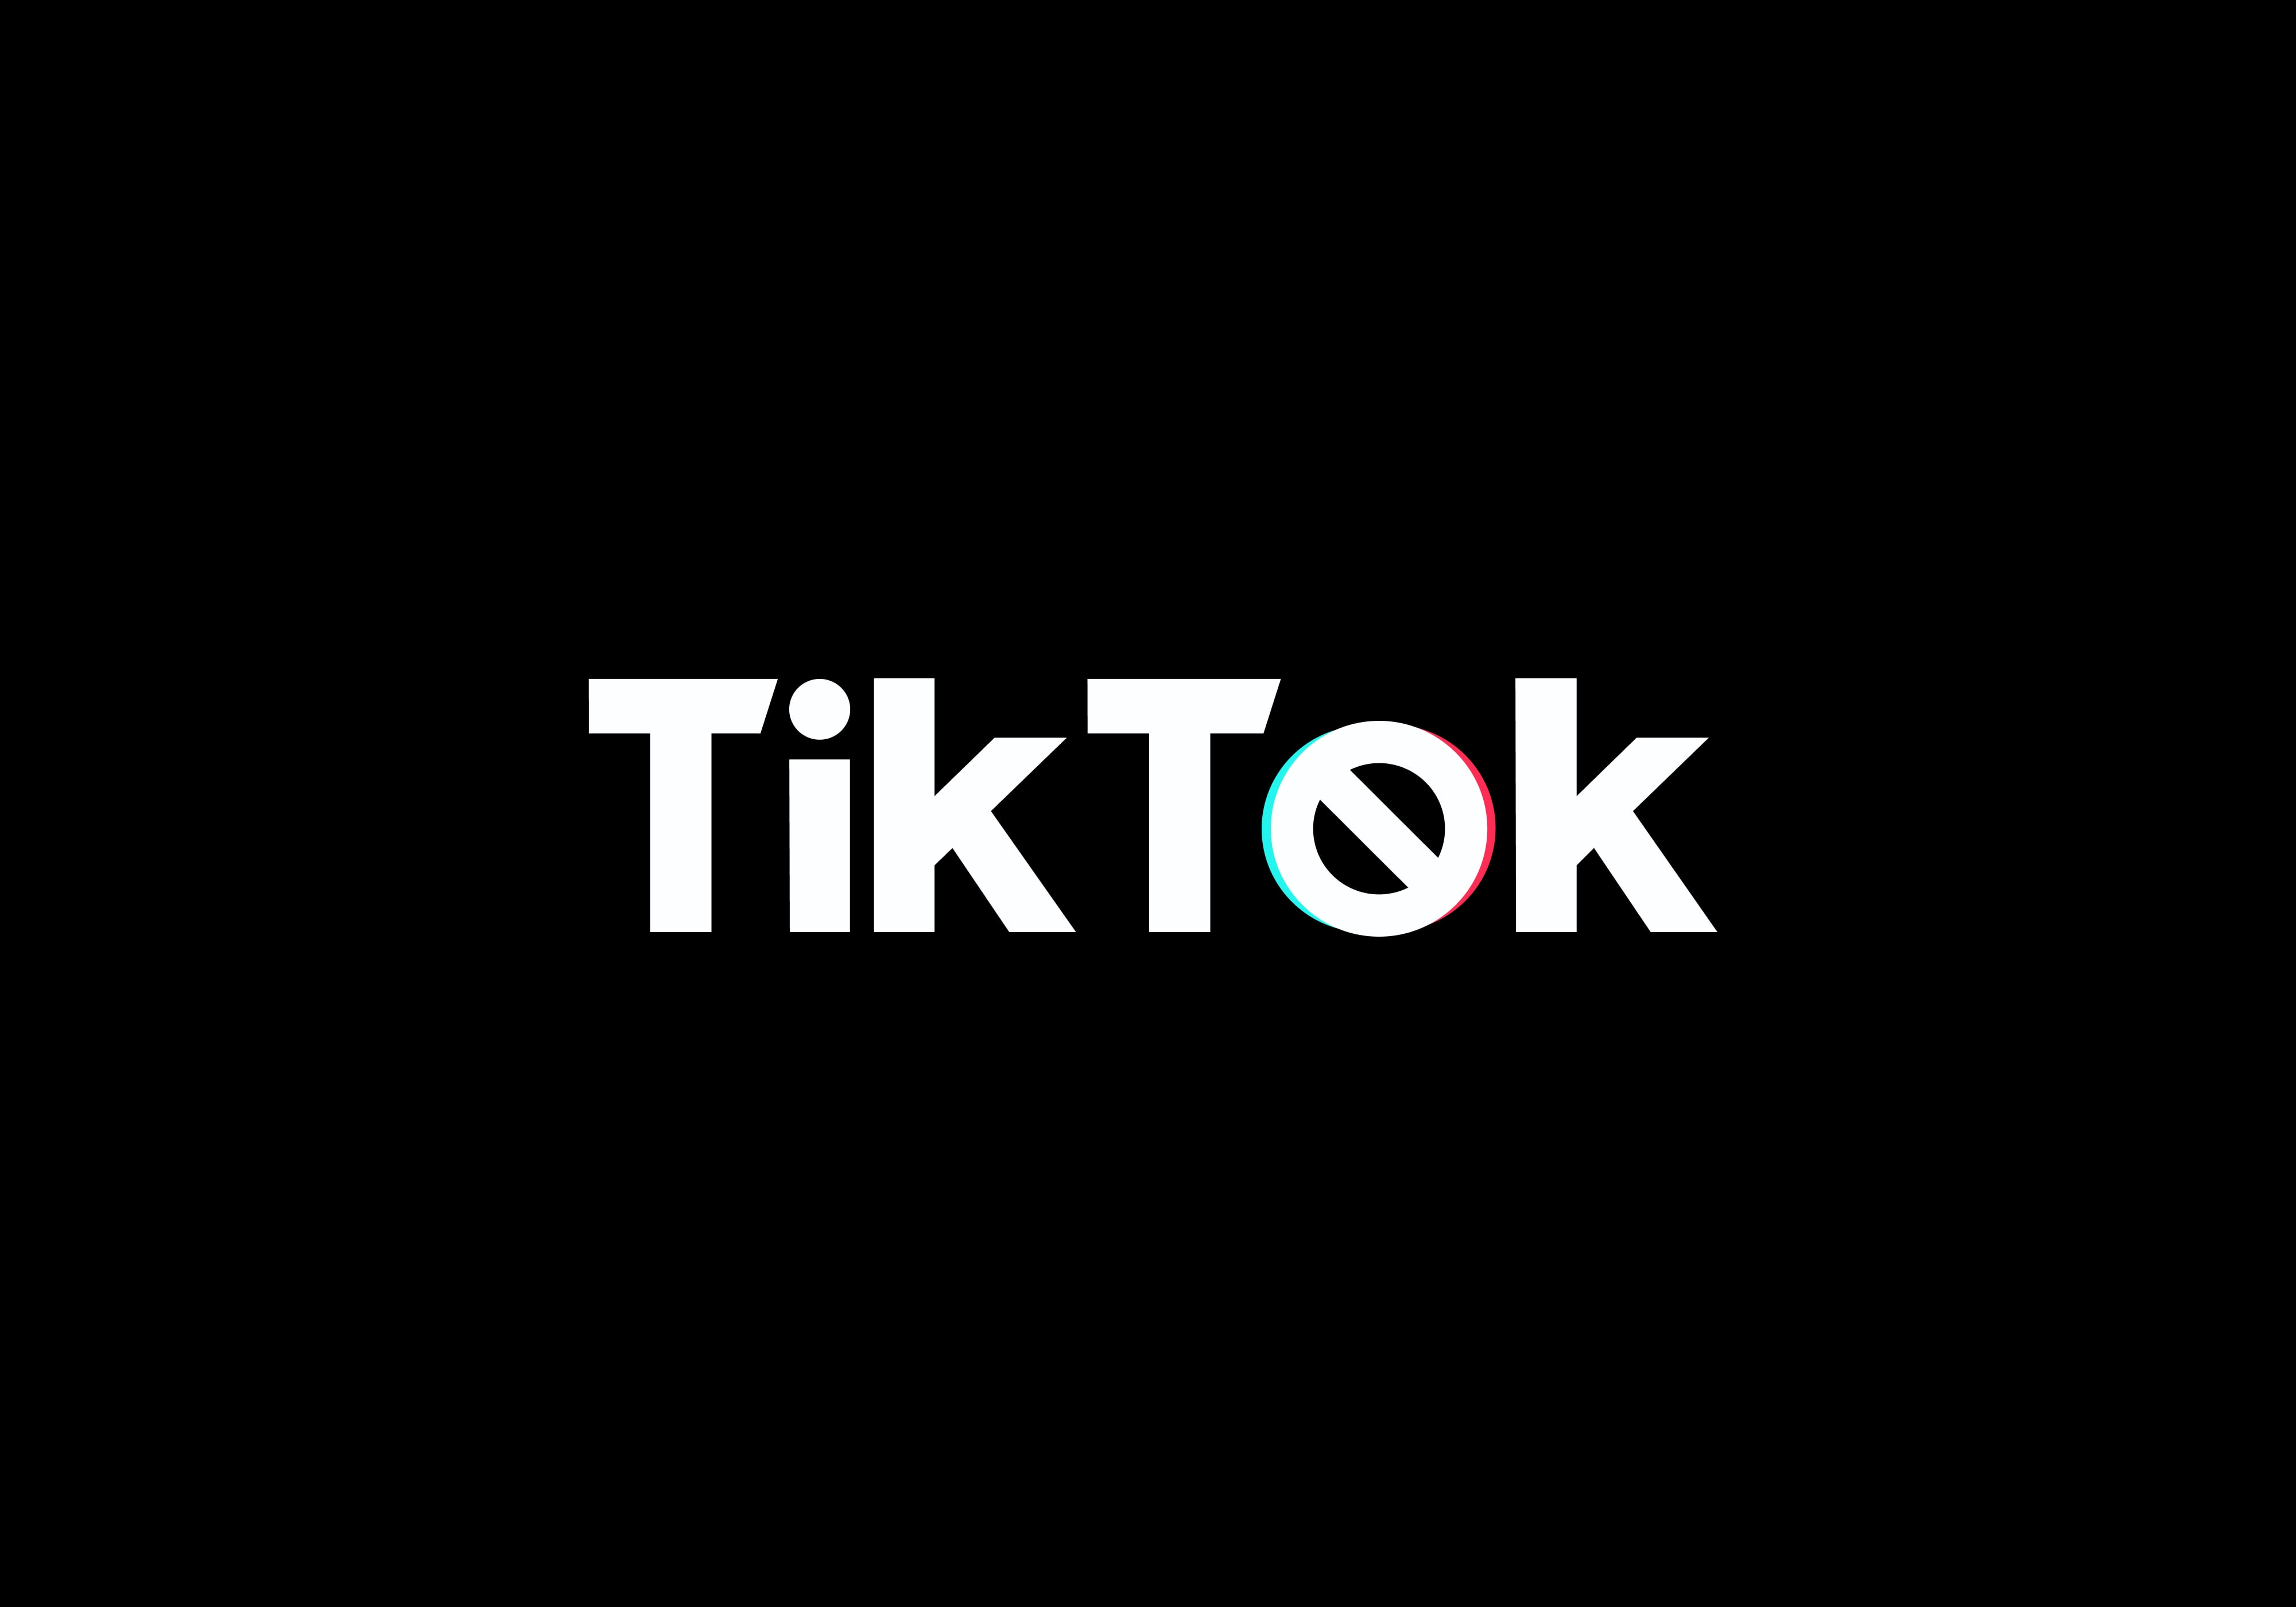 前進快訊:2020年9月16日TikTok 要在美國下架了嗎?